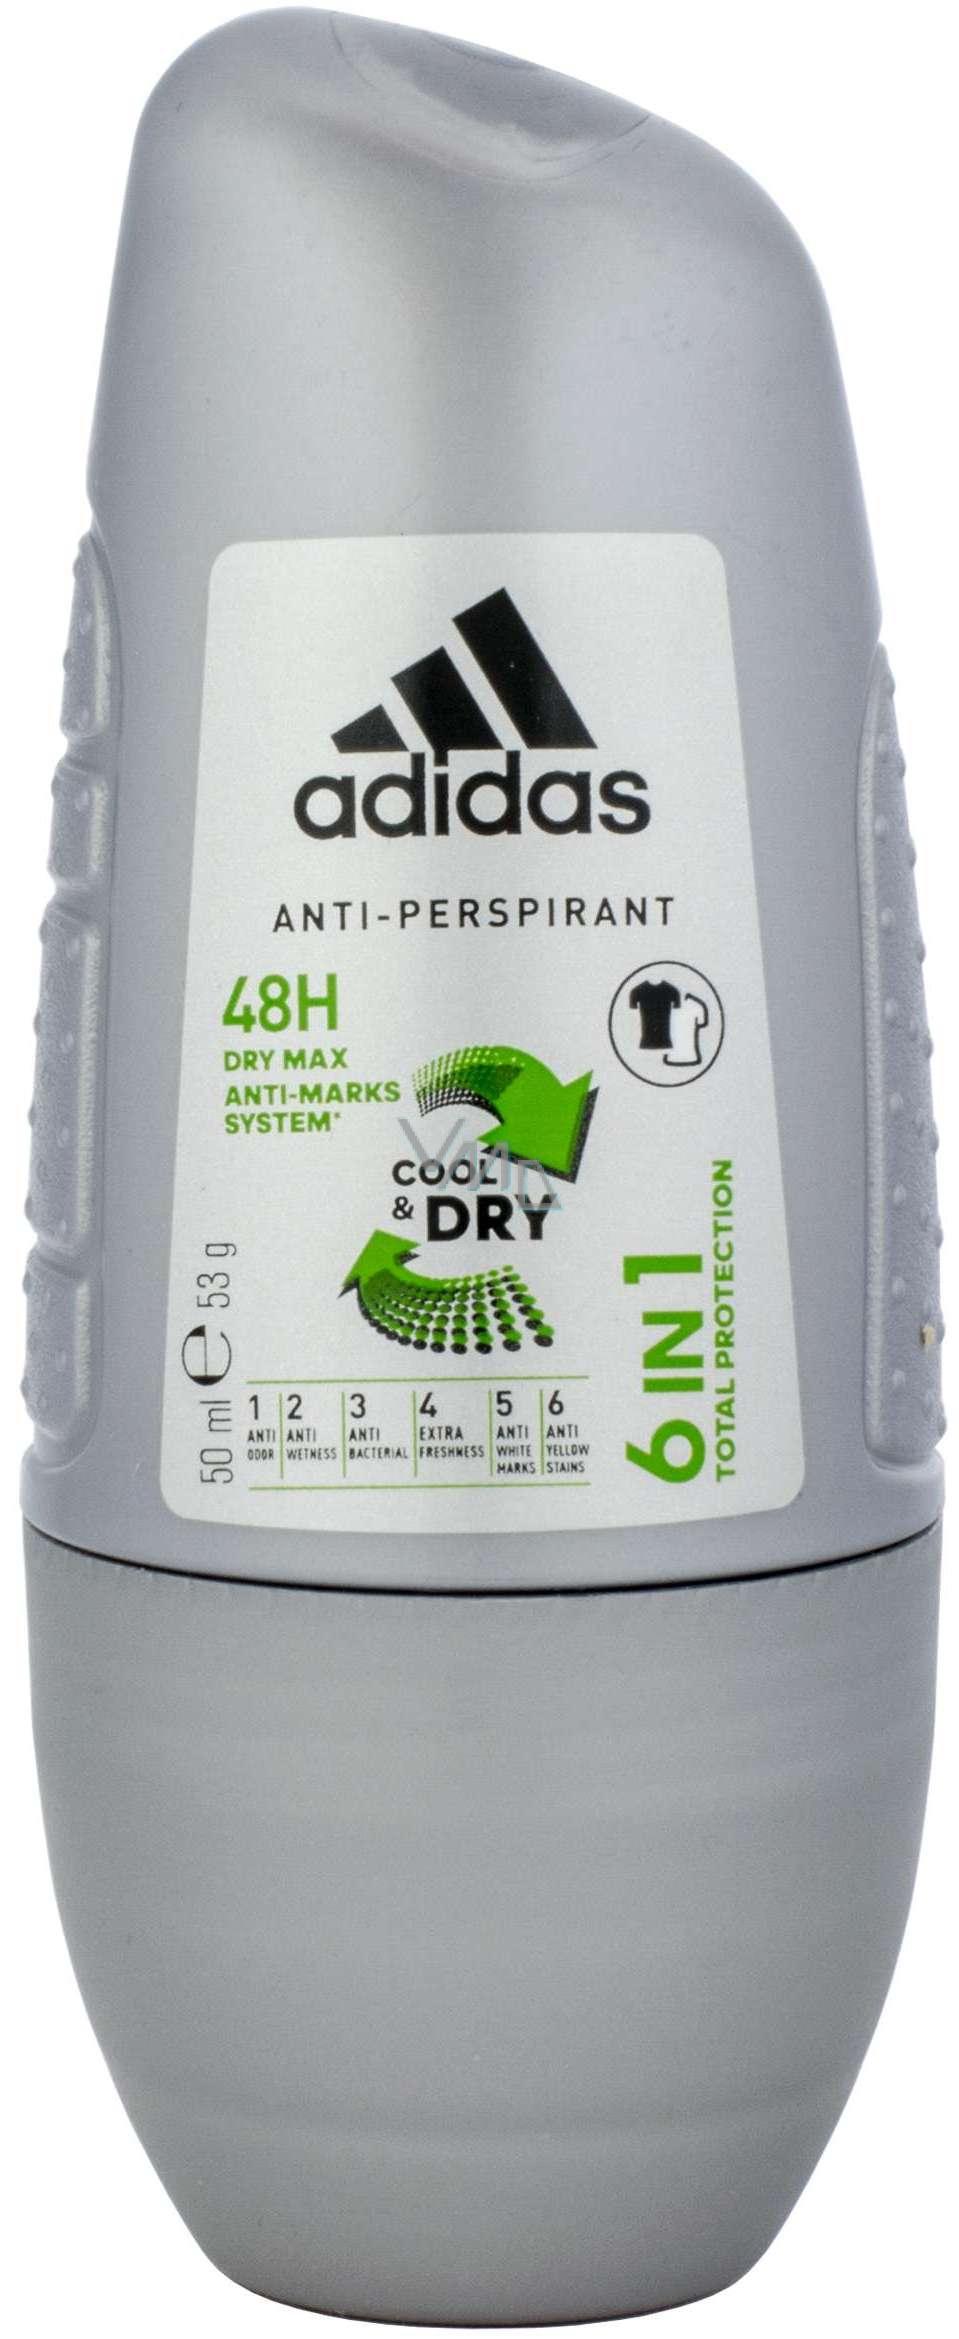 último descuento suave y ligero unos dias Adidas Cool & Dry 48h 6in1 50 ml men's antiperspirant roll-on ...